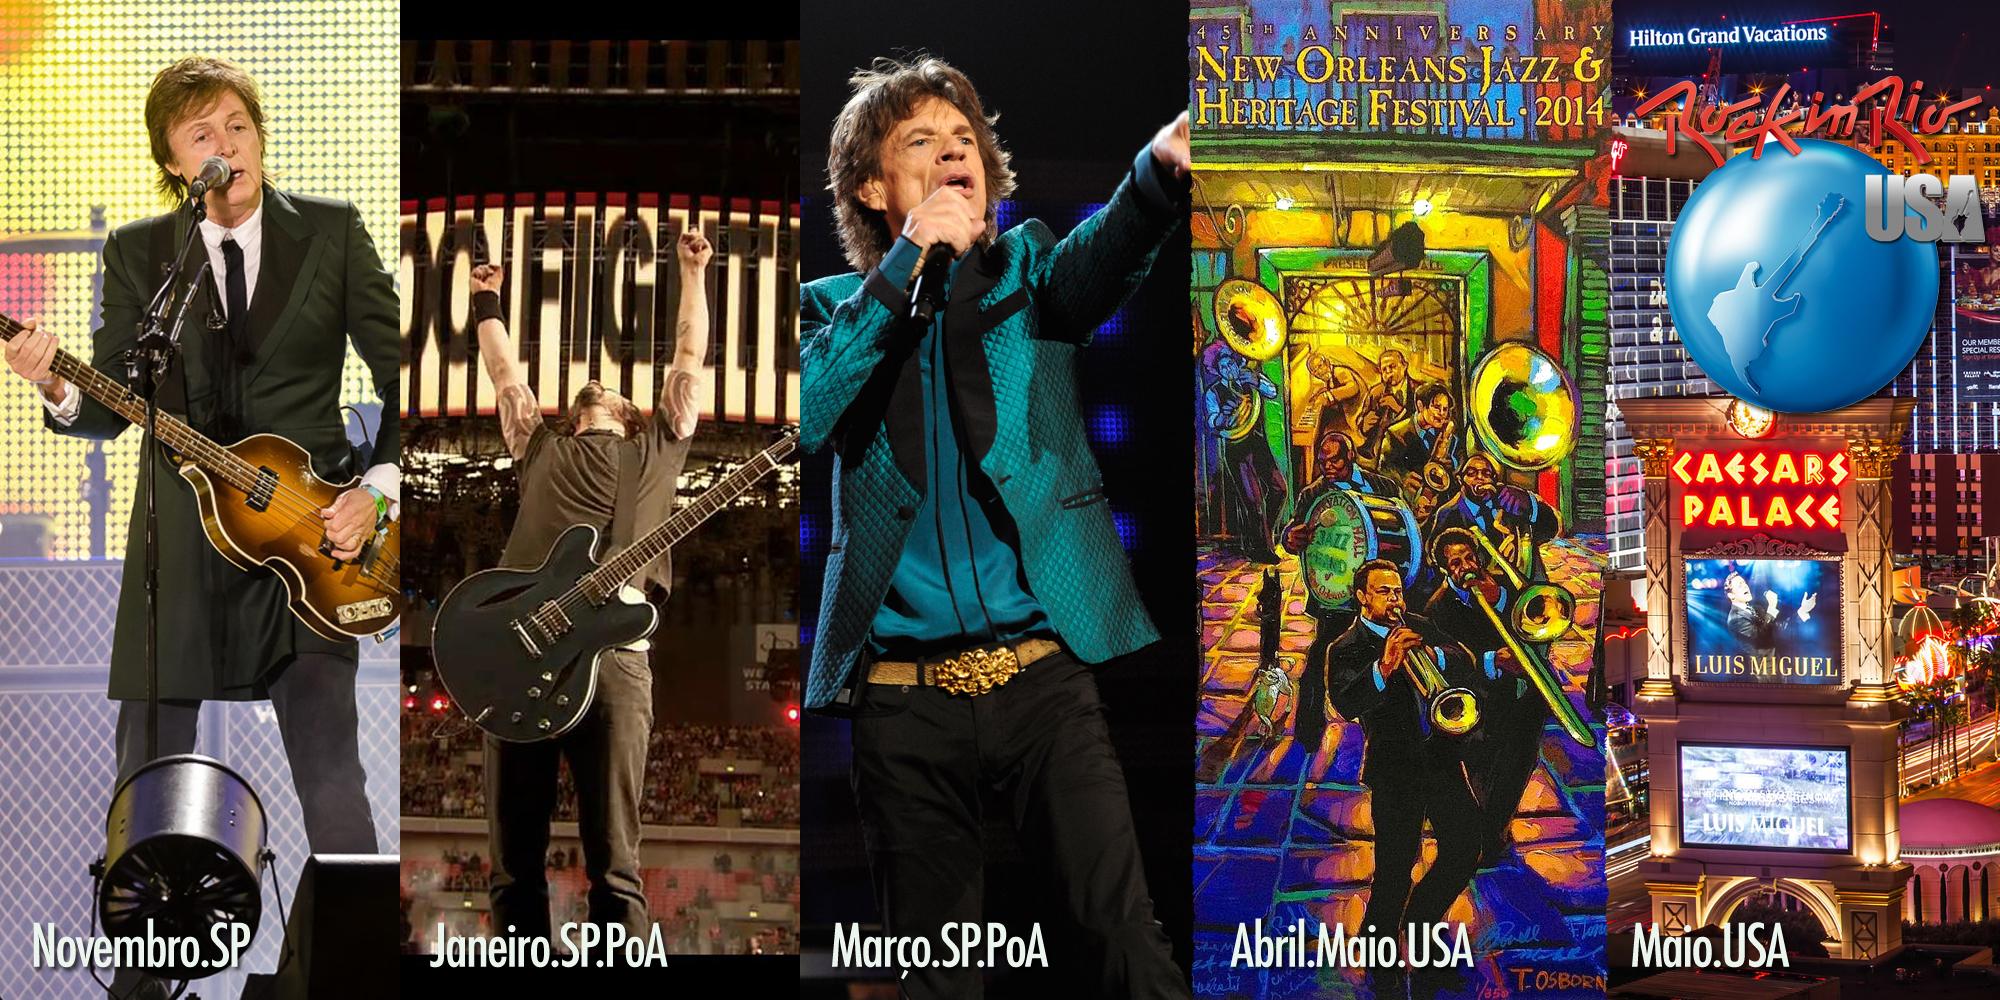 Paul McCartney, Foo Fighters, Rolling Stones, New Orleans Jazz Festival, Rock in Rio Las Vegas